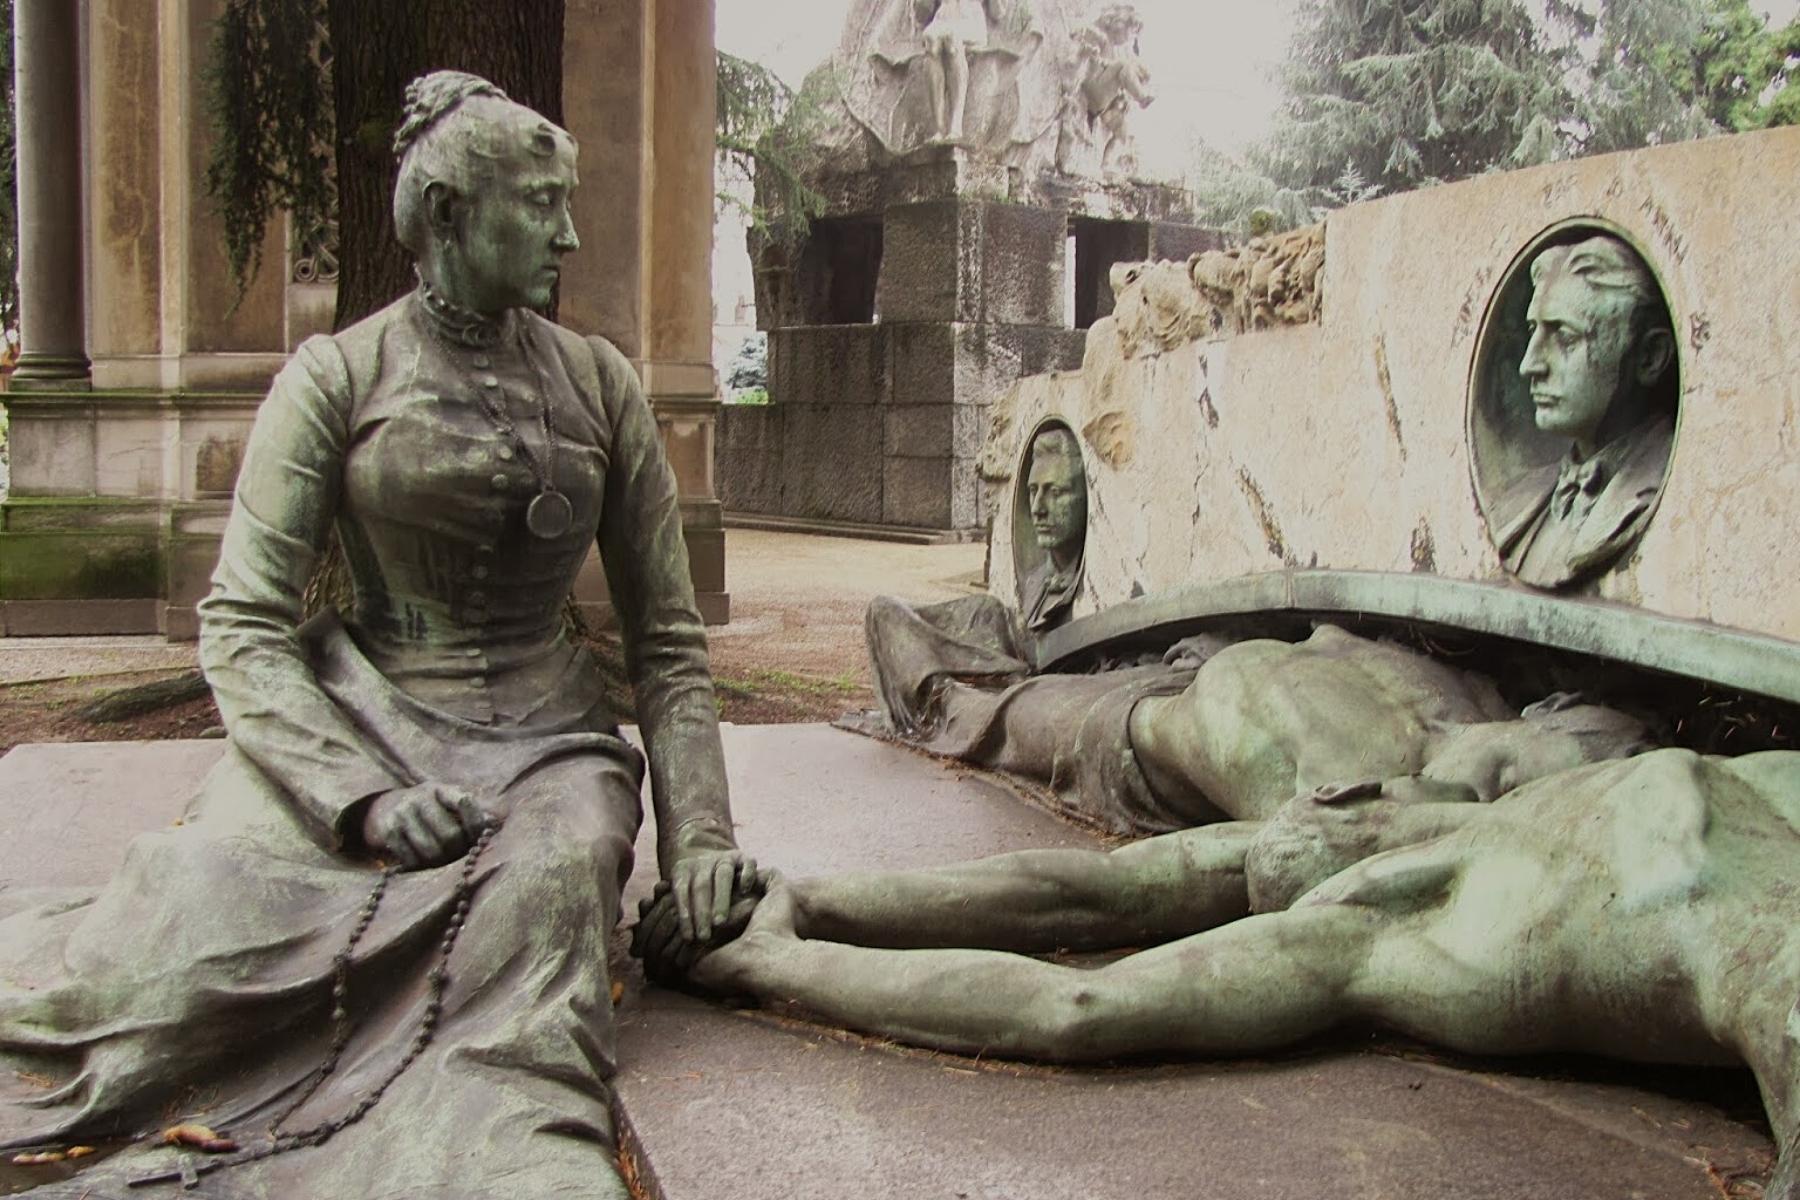 Visita Cimitero Monumentale: Eros et Thanatos